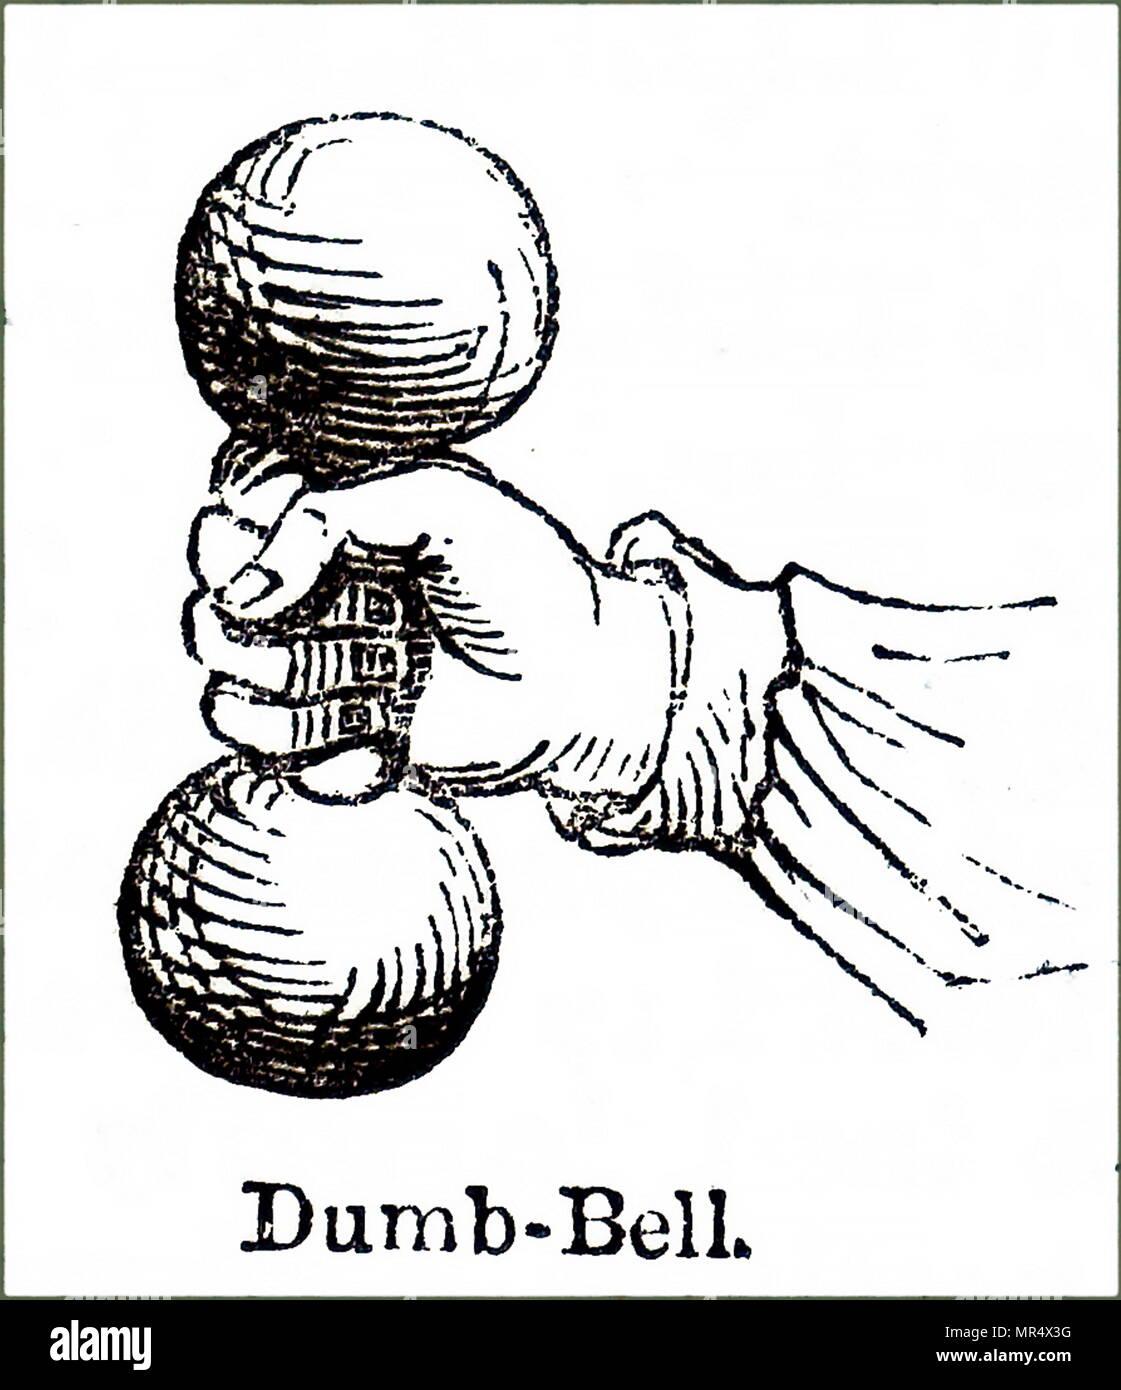 Illustration représentant un début de l'haltère, un type de poids libres, est une pièce d'équipement utilisé dans la formation de poids. En date du 19e siècle Photo Stock